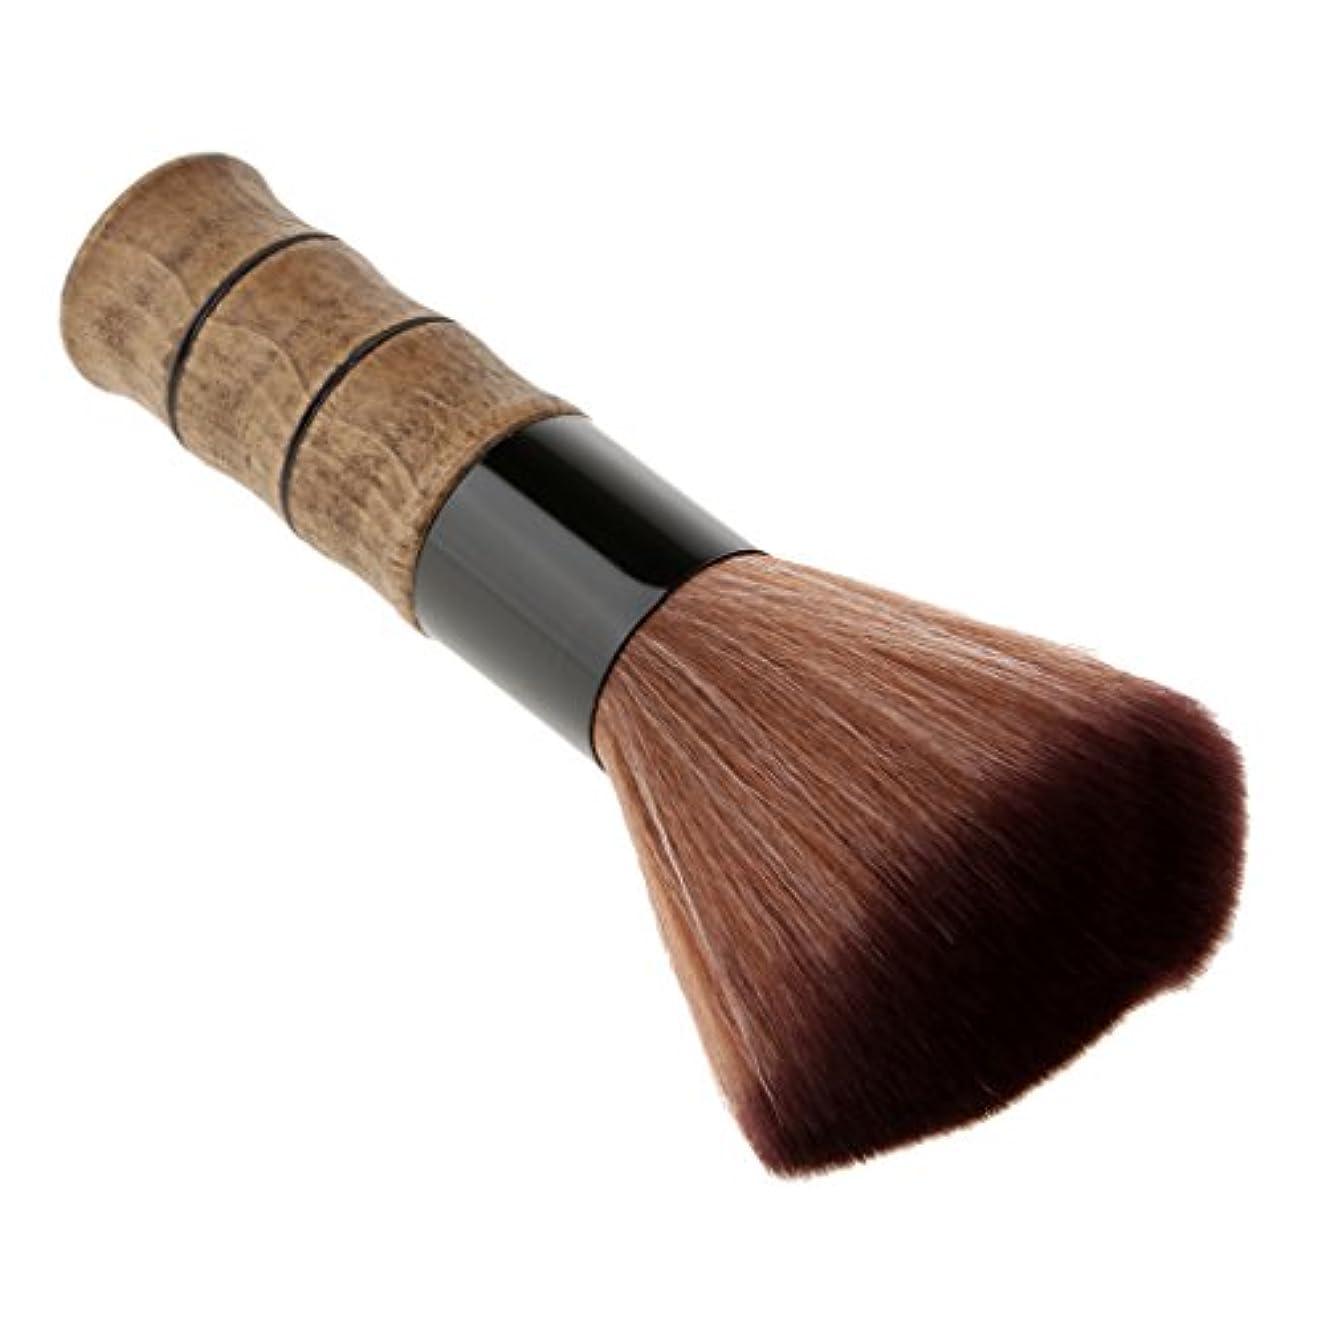 司令官スキップ繕うBlesiya シェービングブラシ 洗顔 化粧ブラシ メイクブラシ ソフトファイバー ブラシ スキンケア メイクアップ 高品質 2色選べる - 褐色